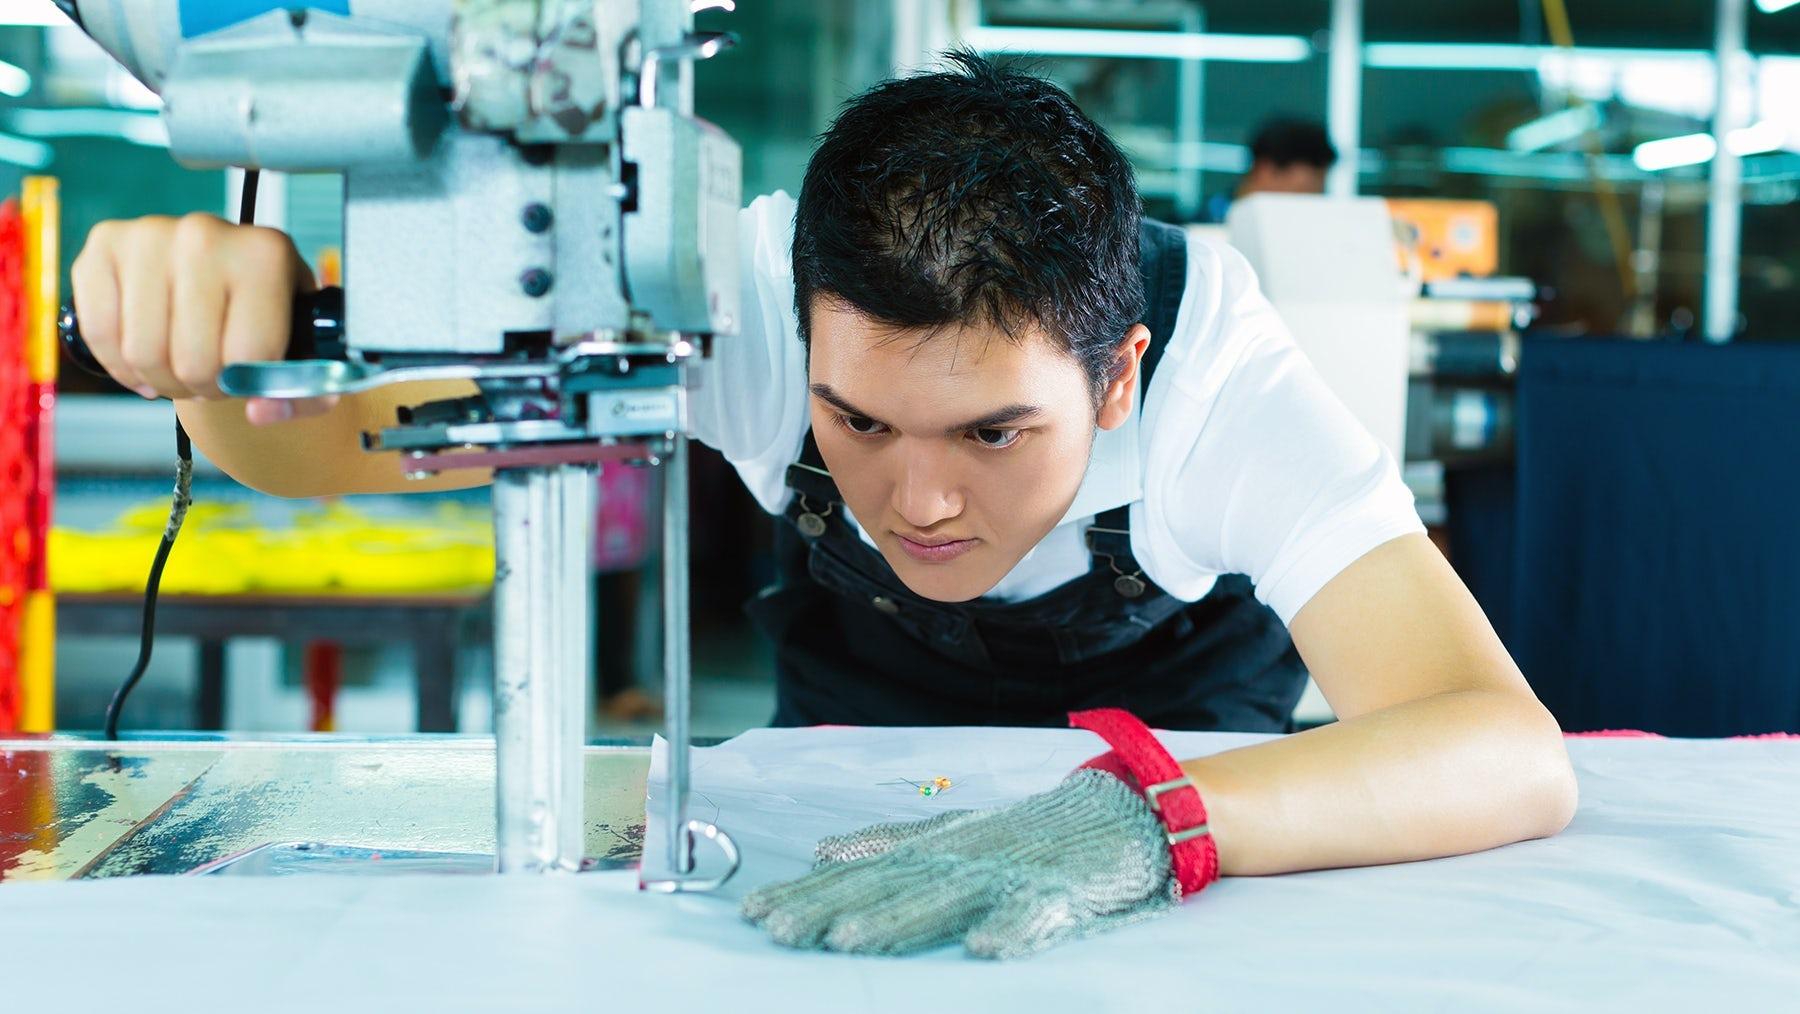 Inside a China garment factory. Shutterstock.